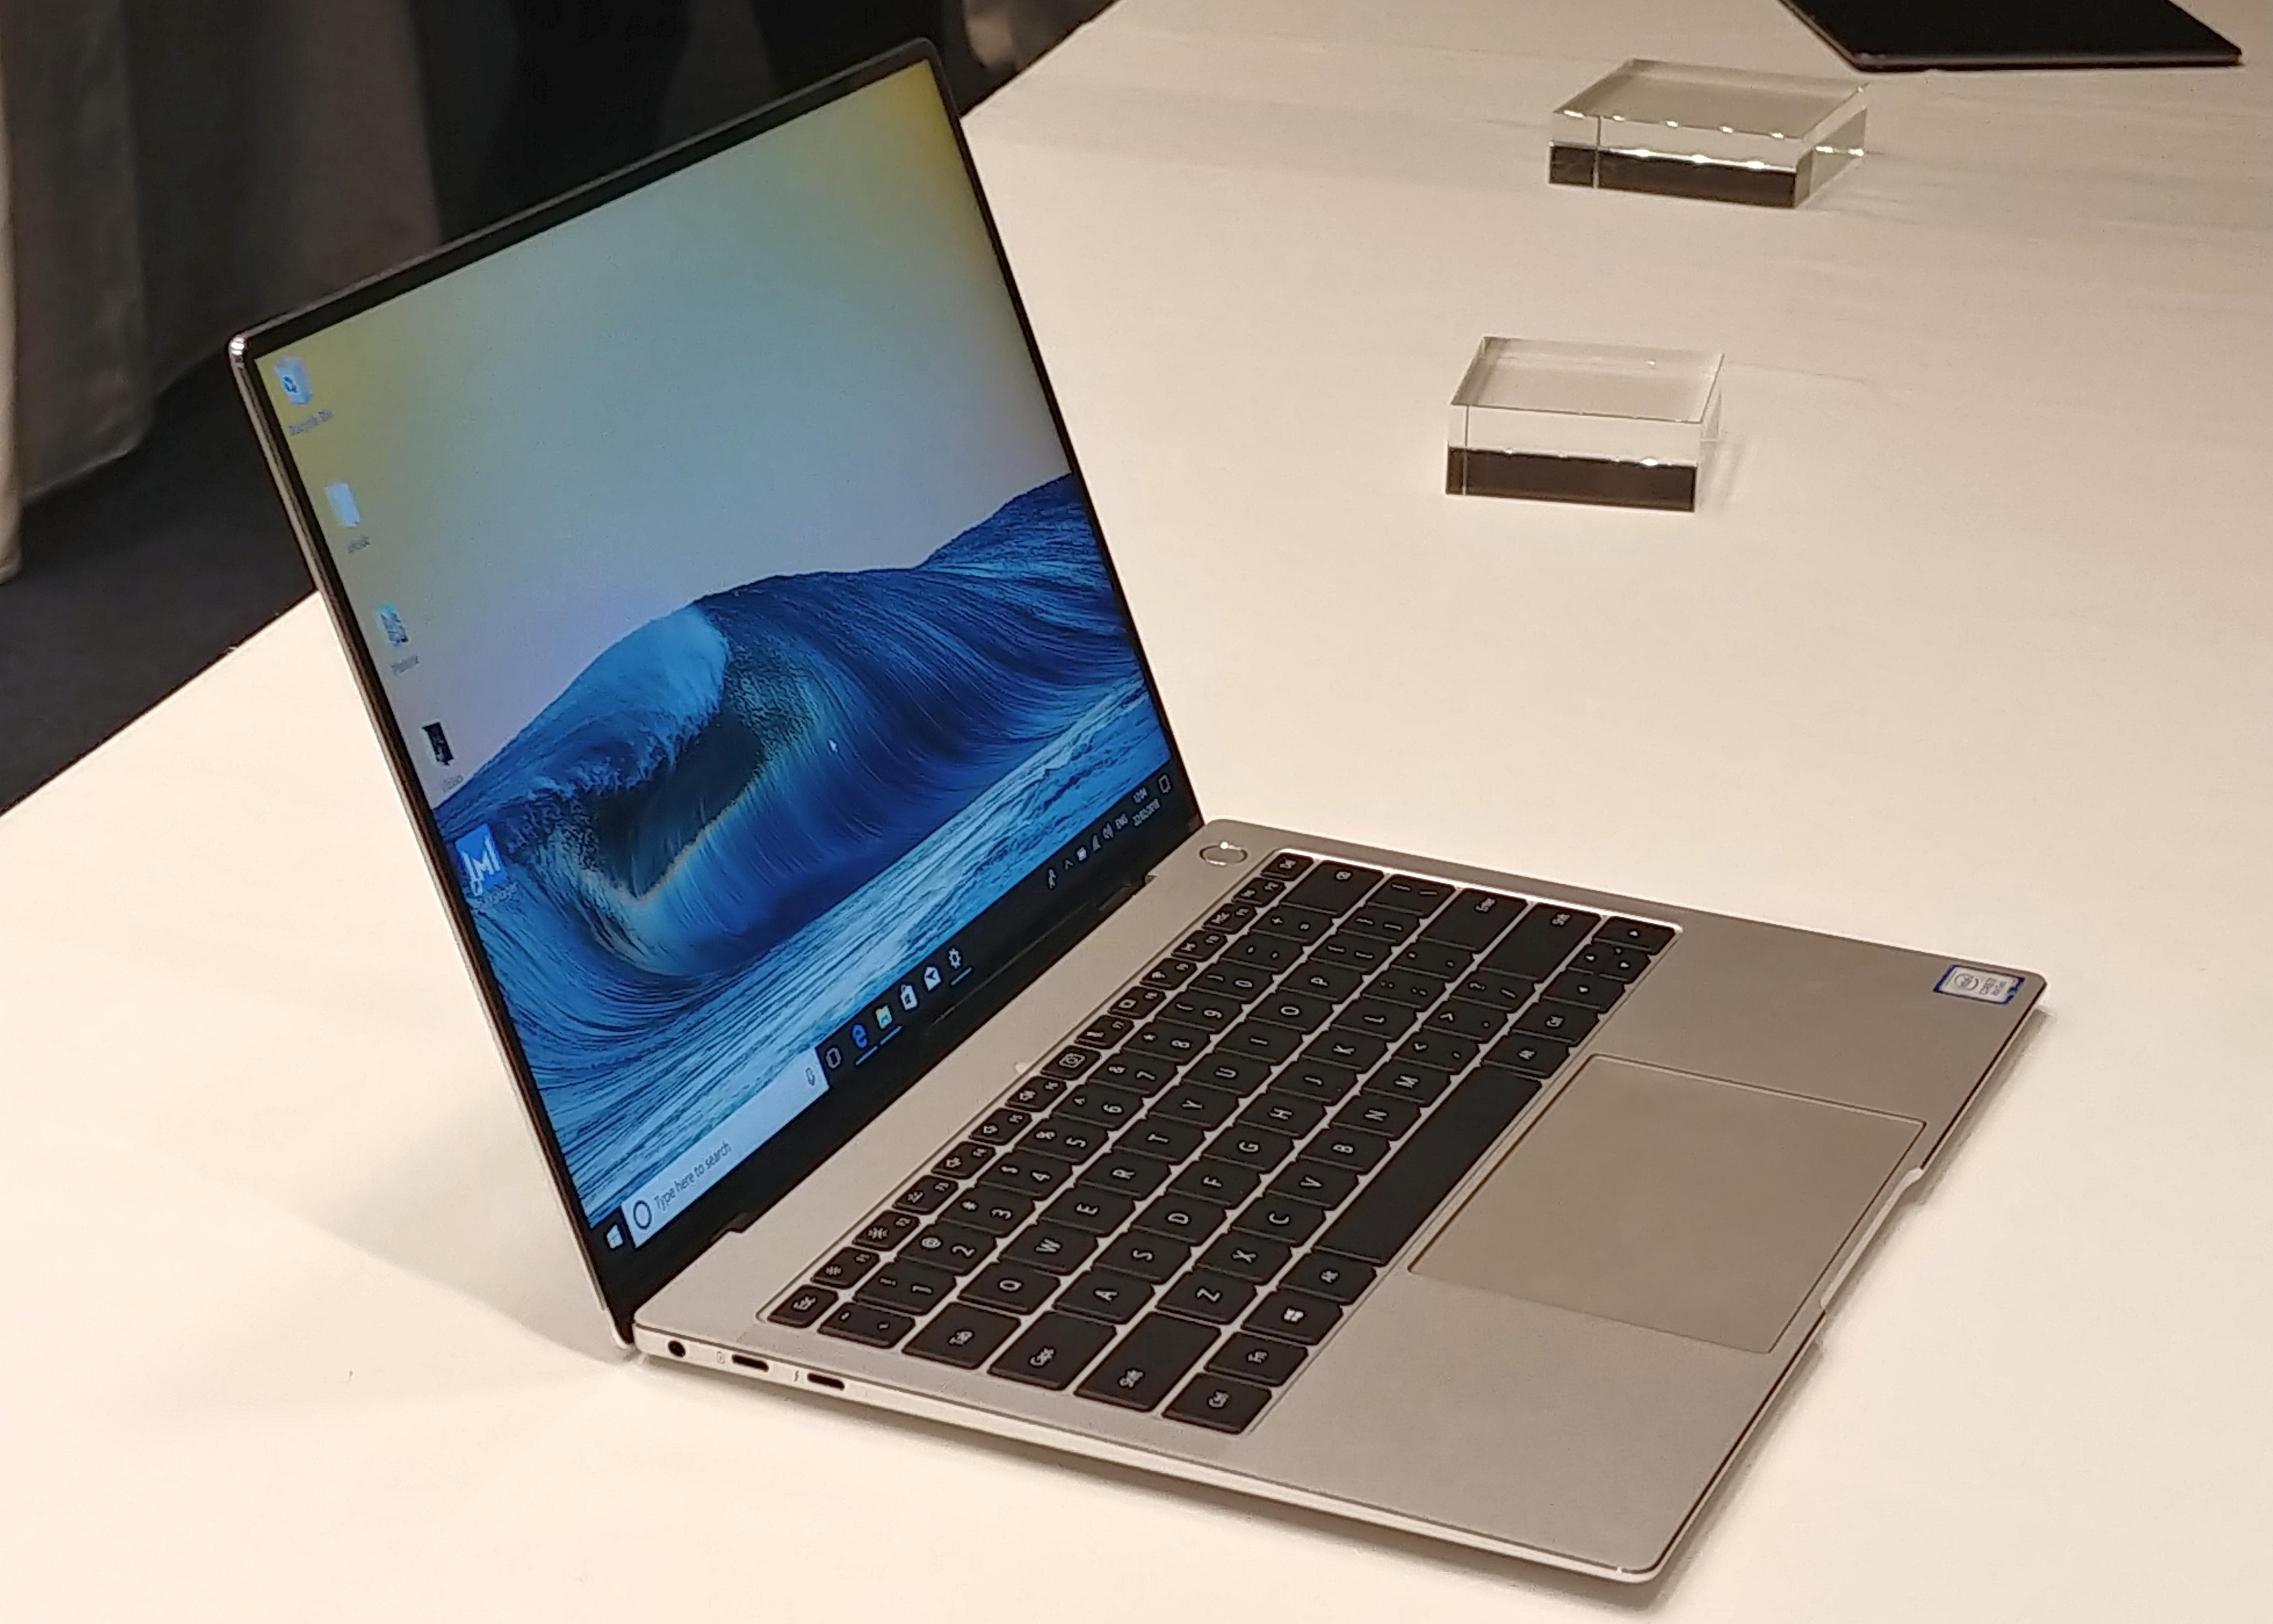 Matebook X Pro 2018 Huawei S Flagship Laptop Upgrade